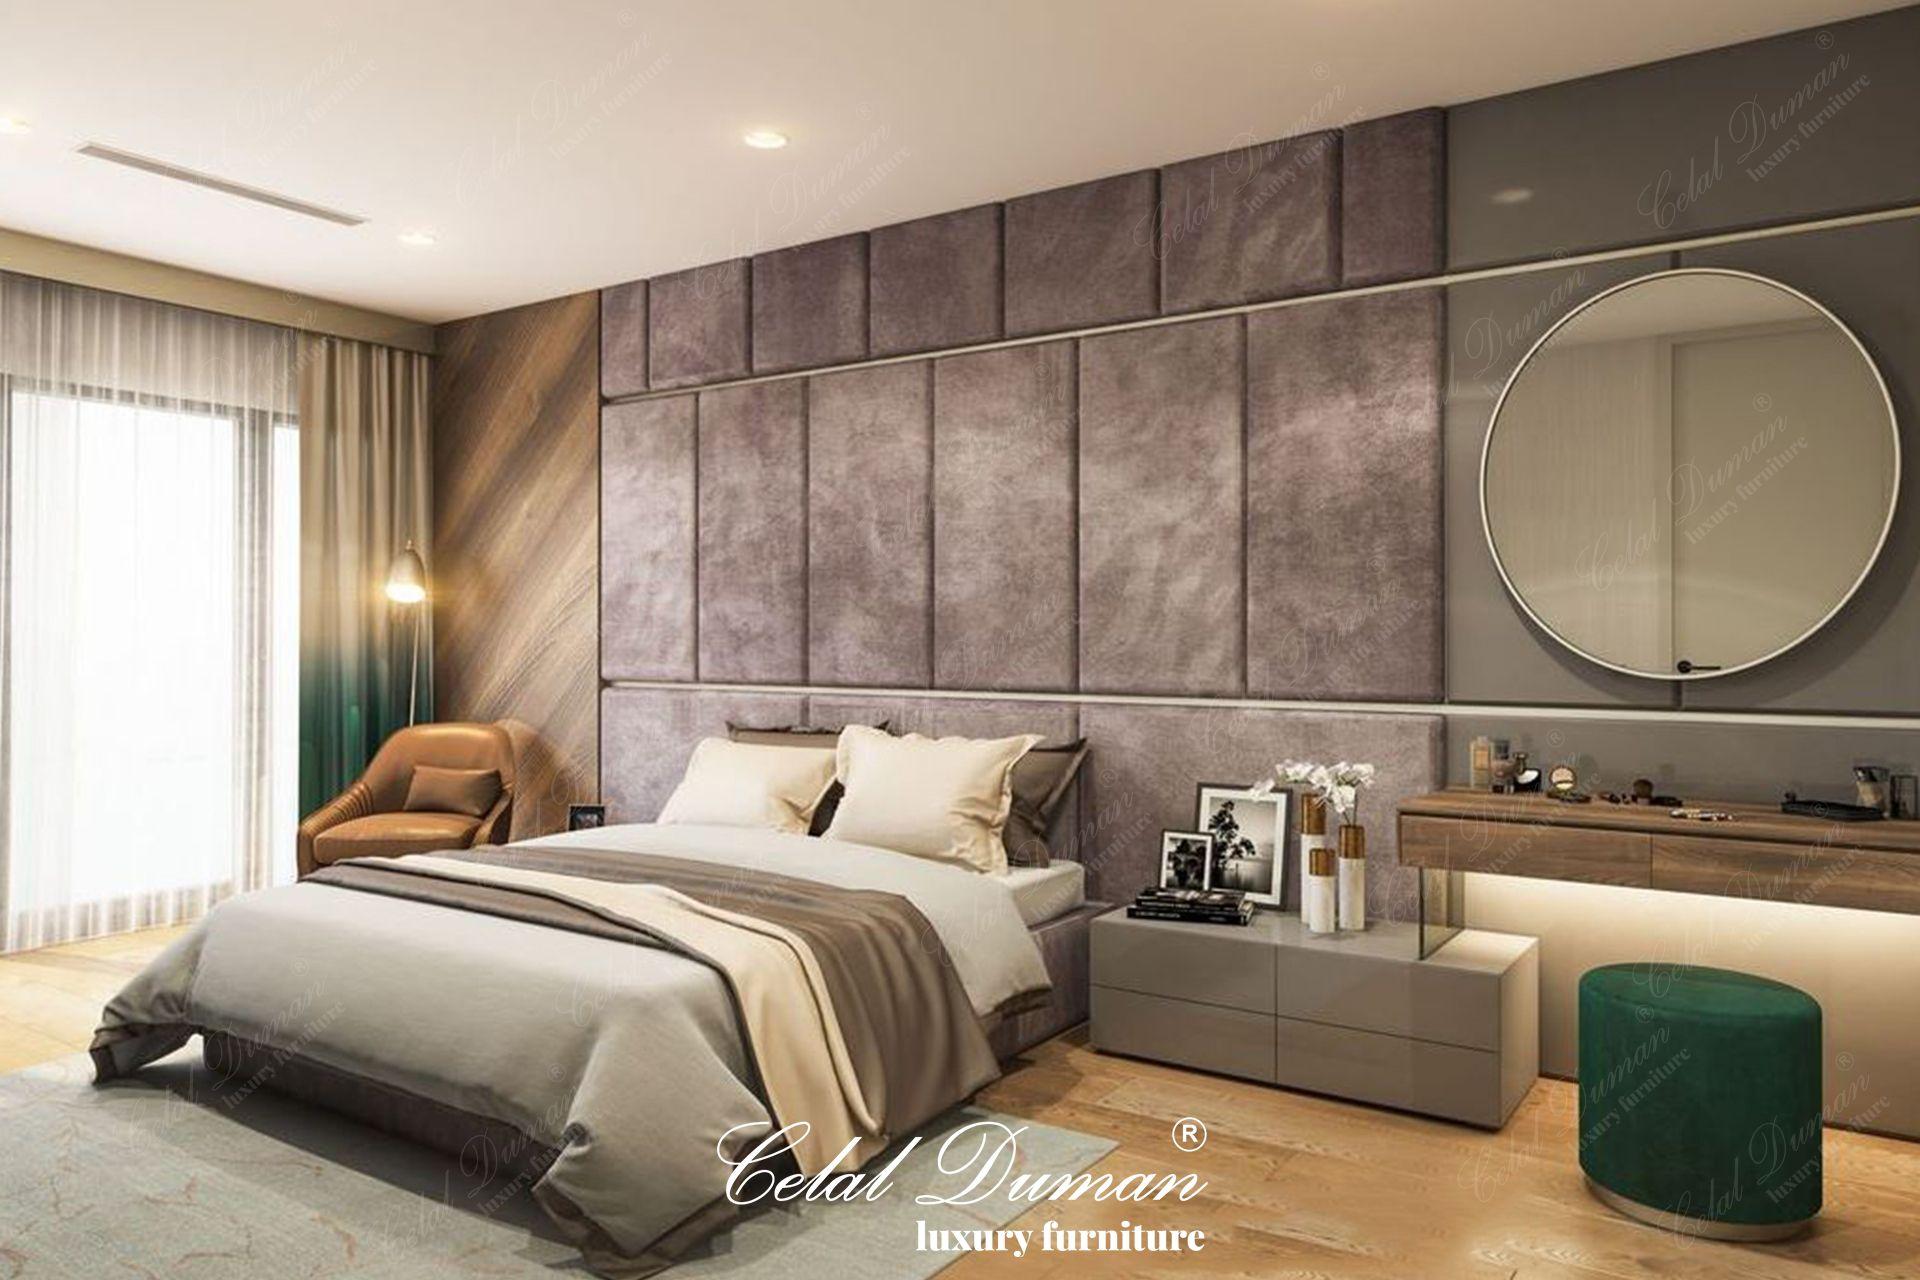 Celal Duman Mobilya kalitesiyle dizayn edilen yatak odası mobilya dekorasyon projemiz. #celalduman #celaldumanmobilya #mobilya #masko #koltuktakımı #yemekodası #maskomobilyakenti #evdekorasyon #dekorasyonfikirleri #mobilyadekorasyon #luxuryfurniture #modernfurniture #furniture #decor #ofisdekorasyon #evdekor #projects #köşekoltuk #tvunited #design #yemekodası #yatakodası #interiordesign